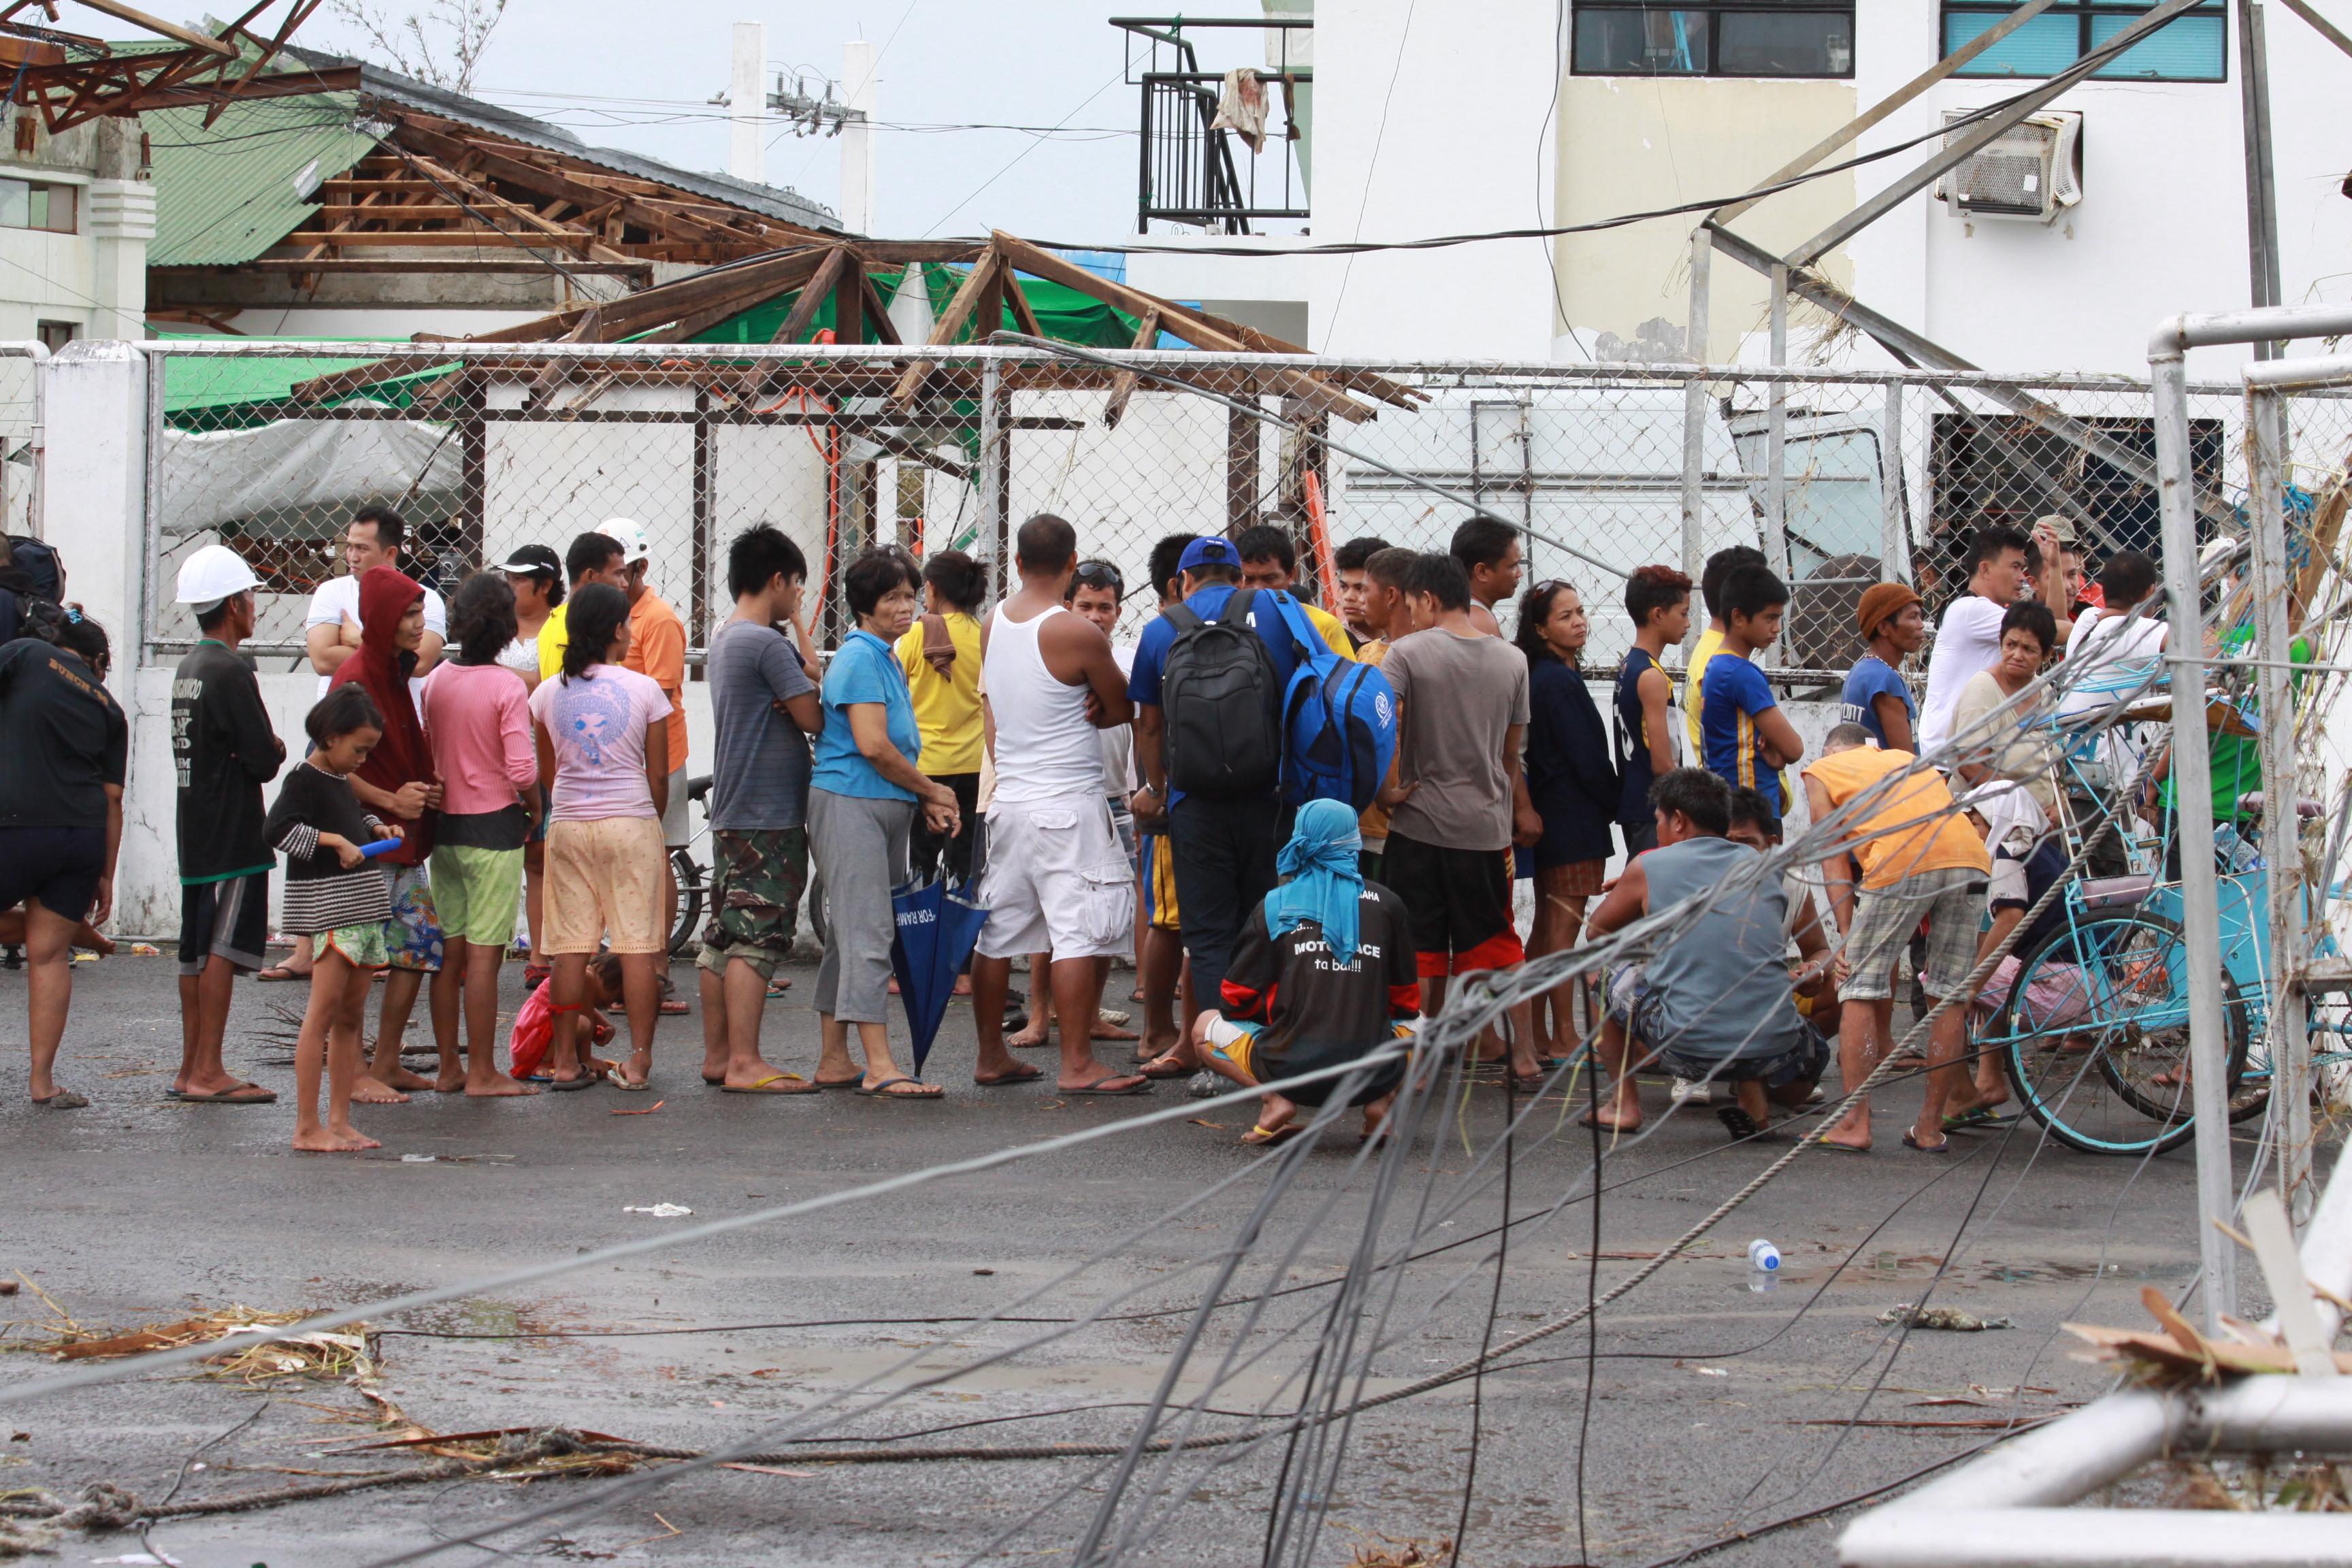 Bilder - german.china.org.cn - Das populärste Model der Philippinen